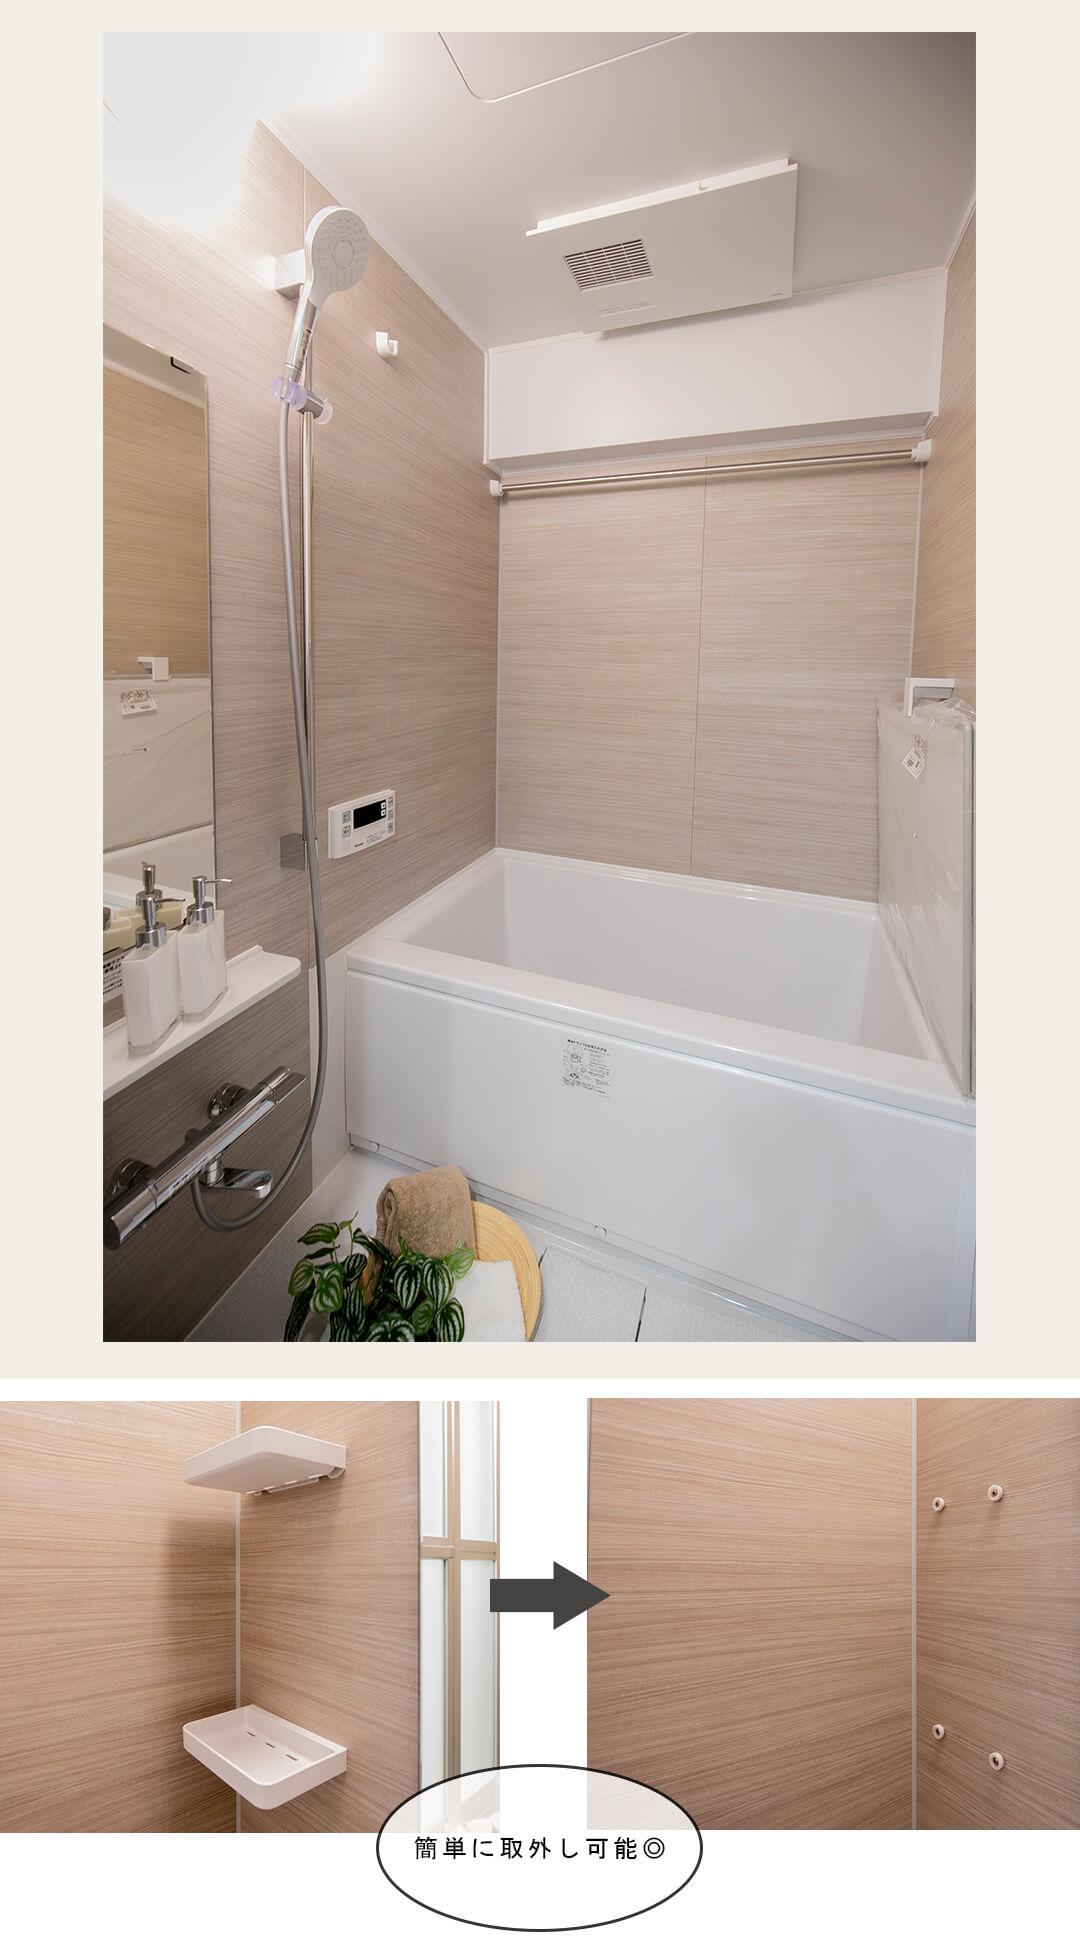 麻布十番中央マンションの浴室